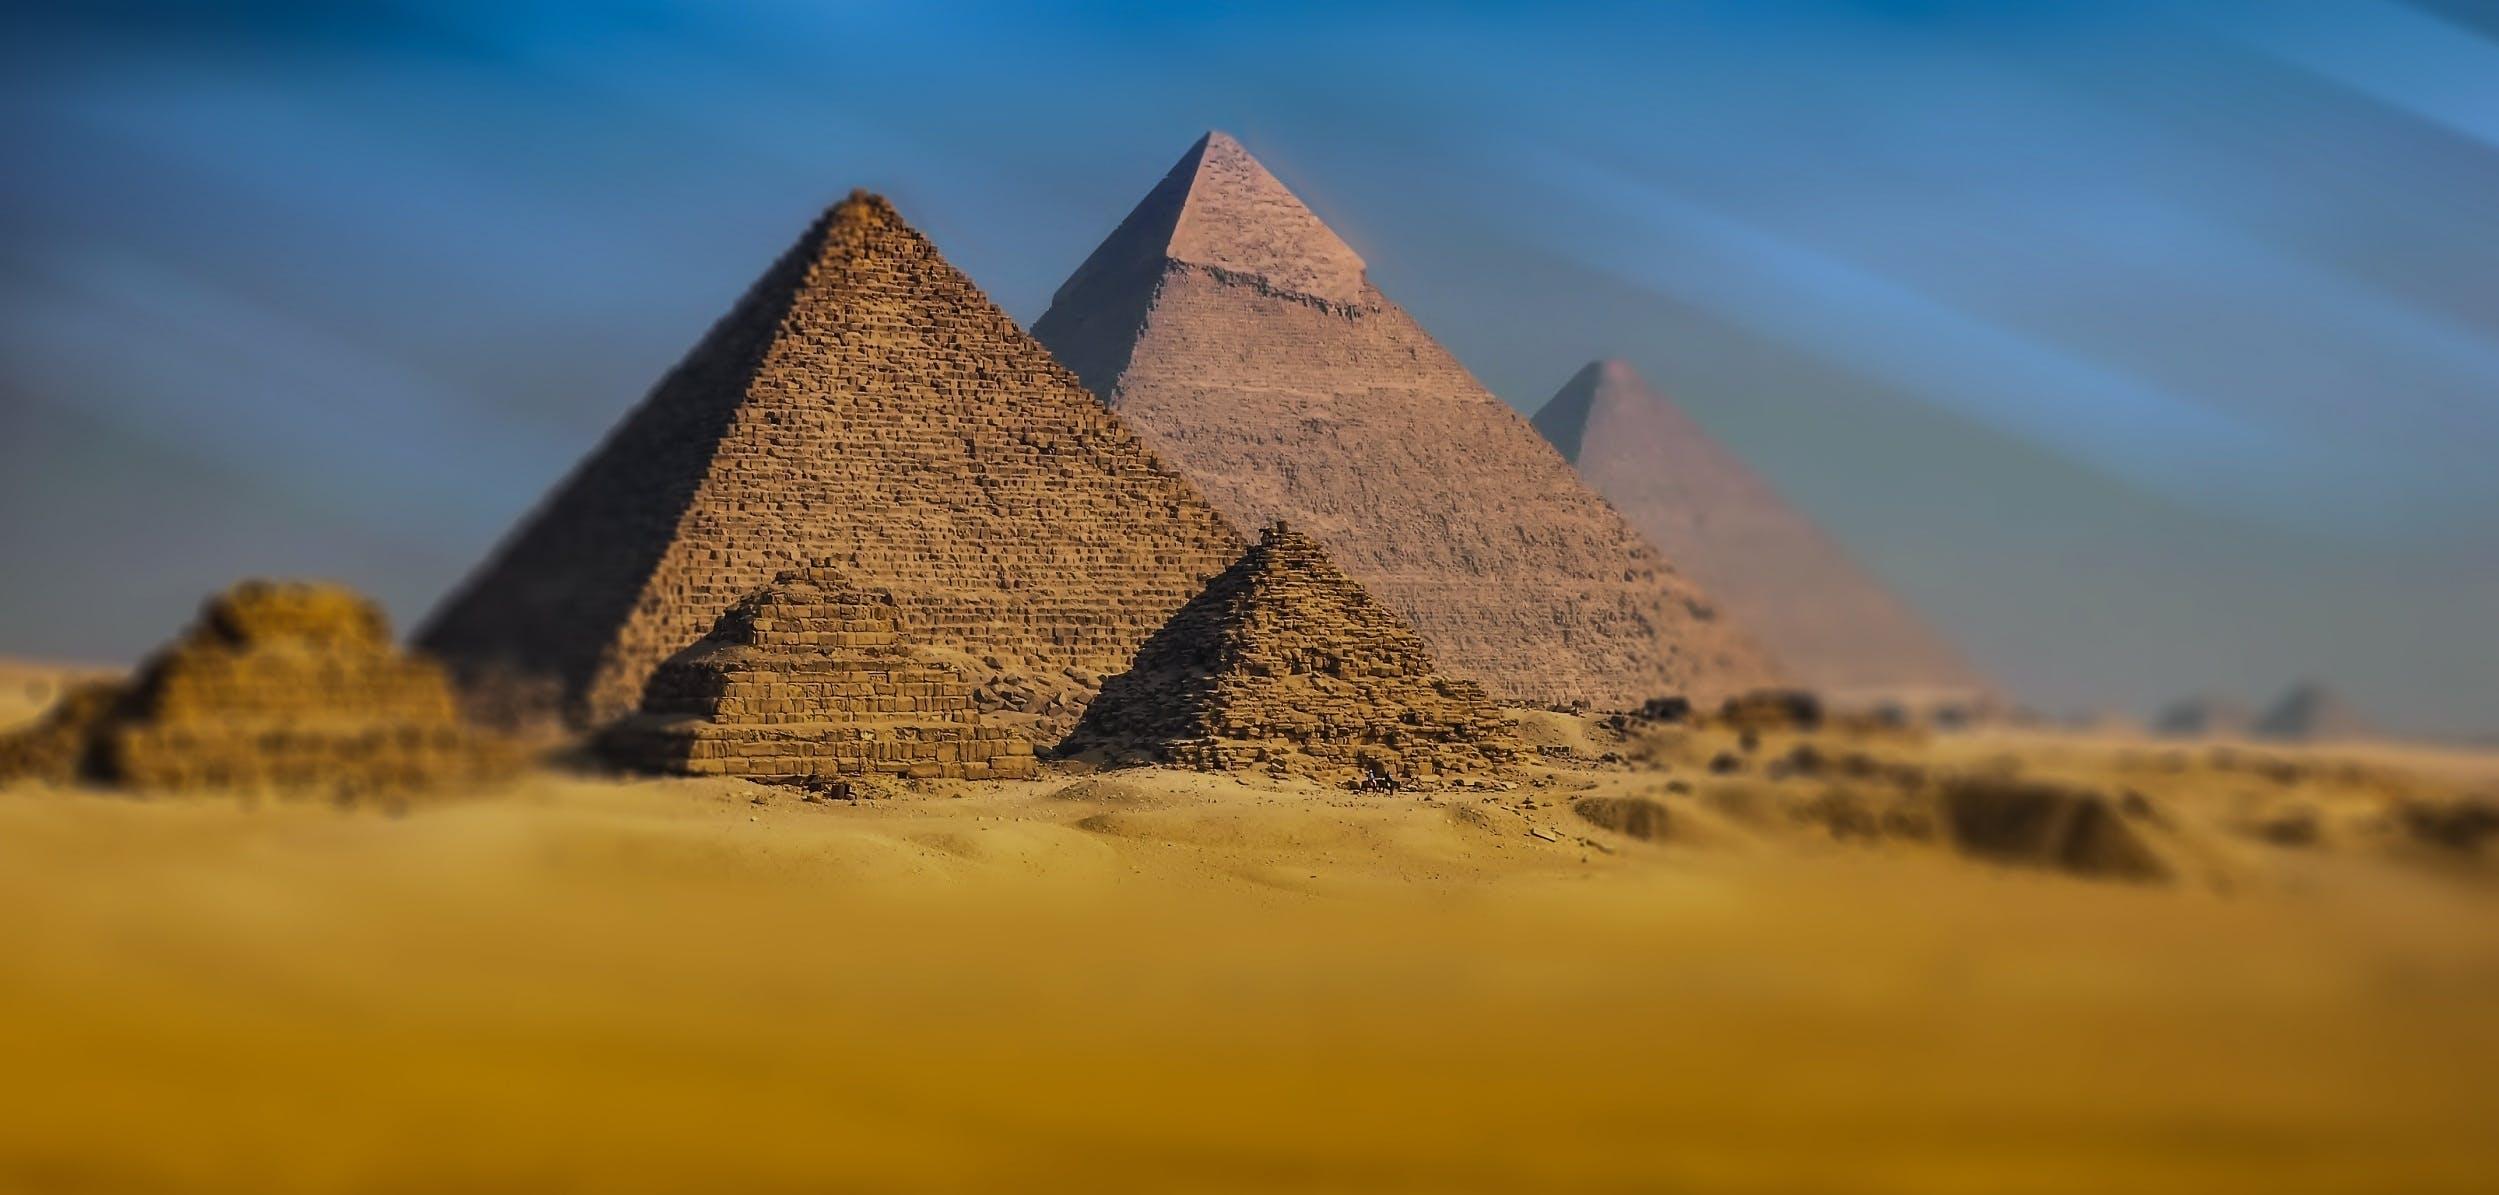 egypt, egyptian pyramids, giza